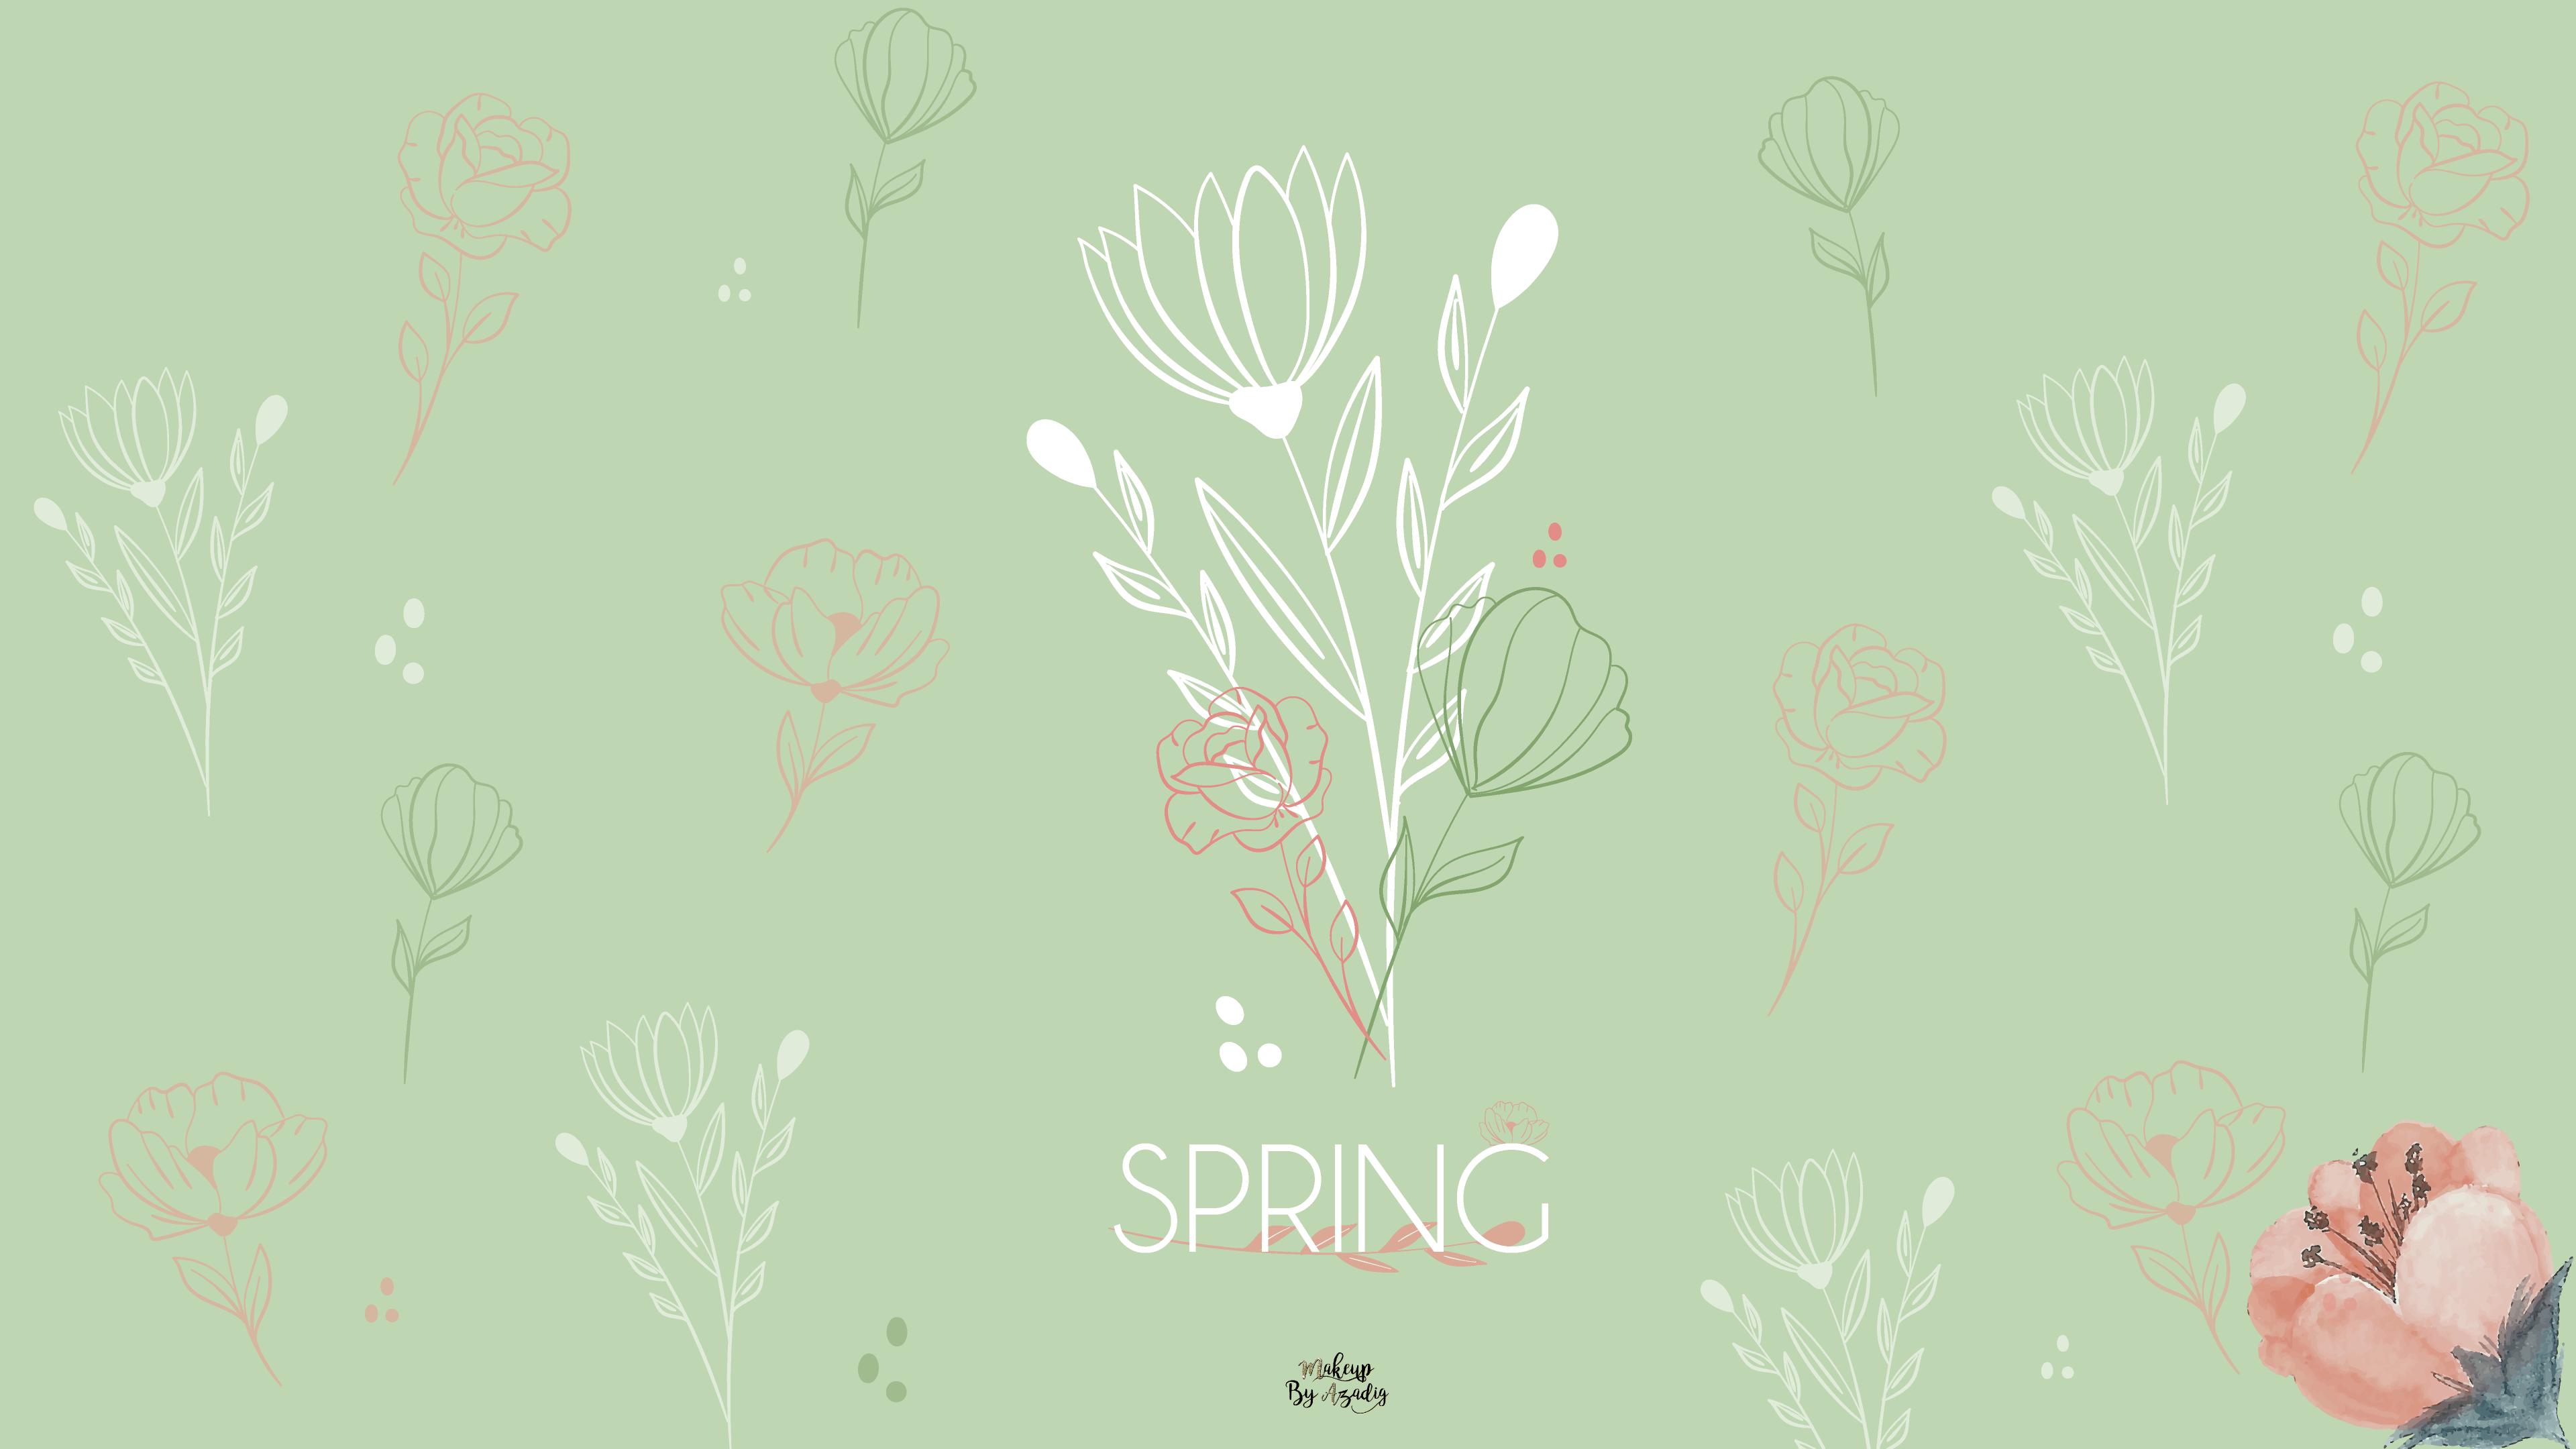 fond-decran-wallpaper-printemps-fleurs-bouquet-spring-girly-ordinateur-mac-macbook-imac-pc-makeupbyazadig-tendance